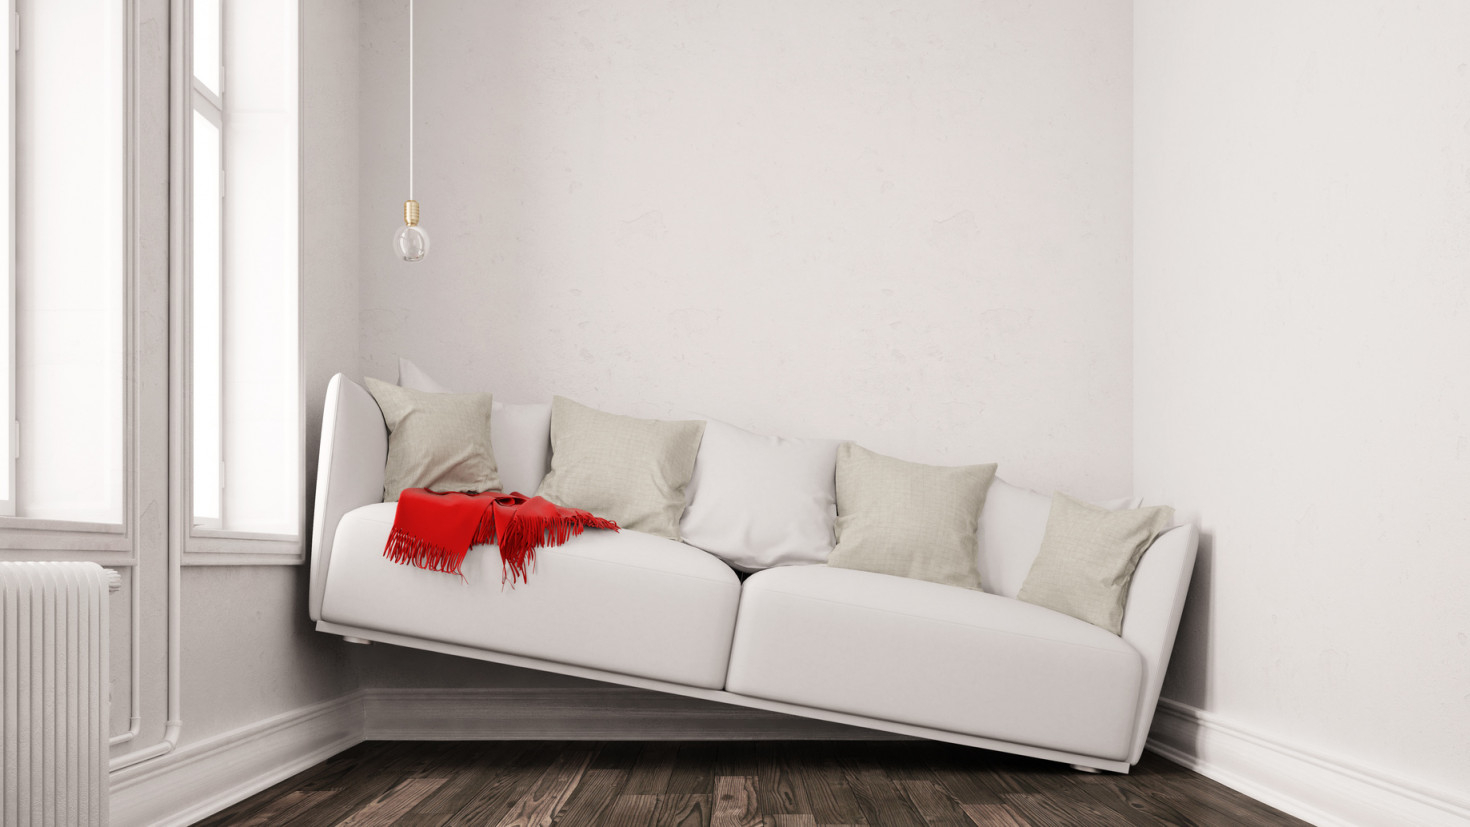 Kleines Wohnzimmer Einrichten  10 Ultimative Ideen von Kleine Räume Einrichten Wohnzimmer Bild